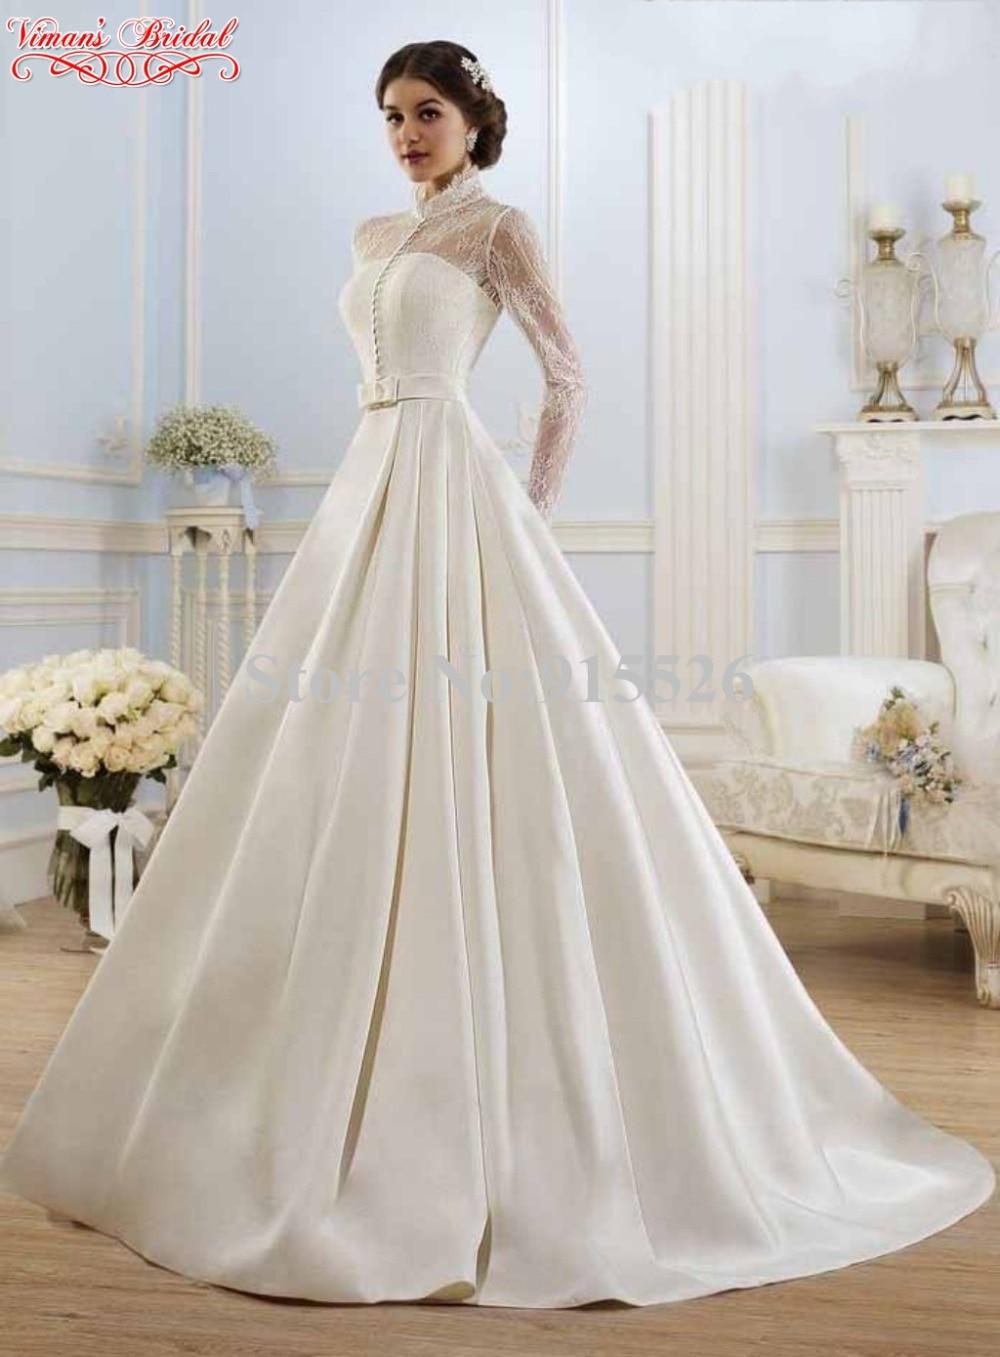 Buy 2015 Elegant White Wedding Dress